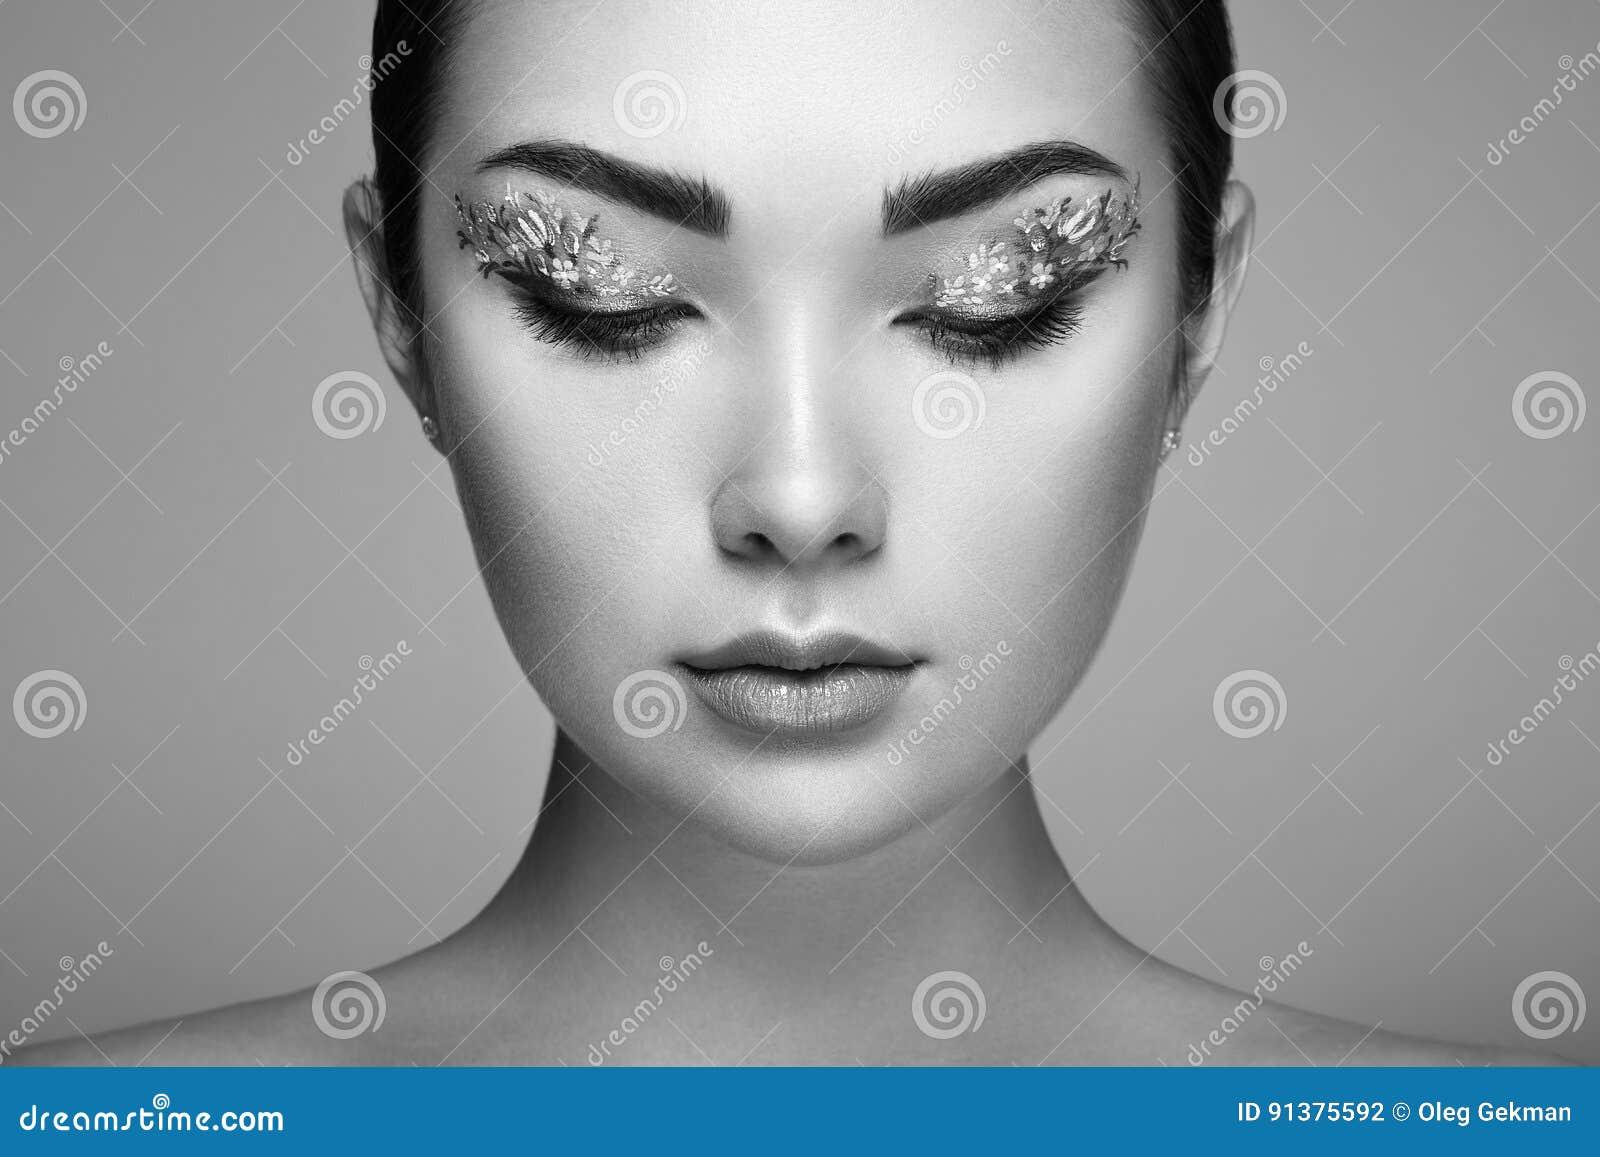 487b17ac9fe Jeune belle femme avec des yeux de maquillage de fleur Maquillage de  ressort Mode de beauté cils Fard à paupières cosmétique Détail de maquillage  Fille sur ...